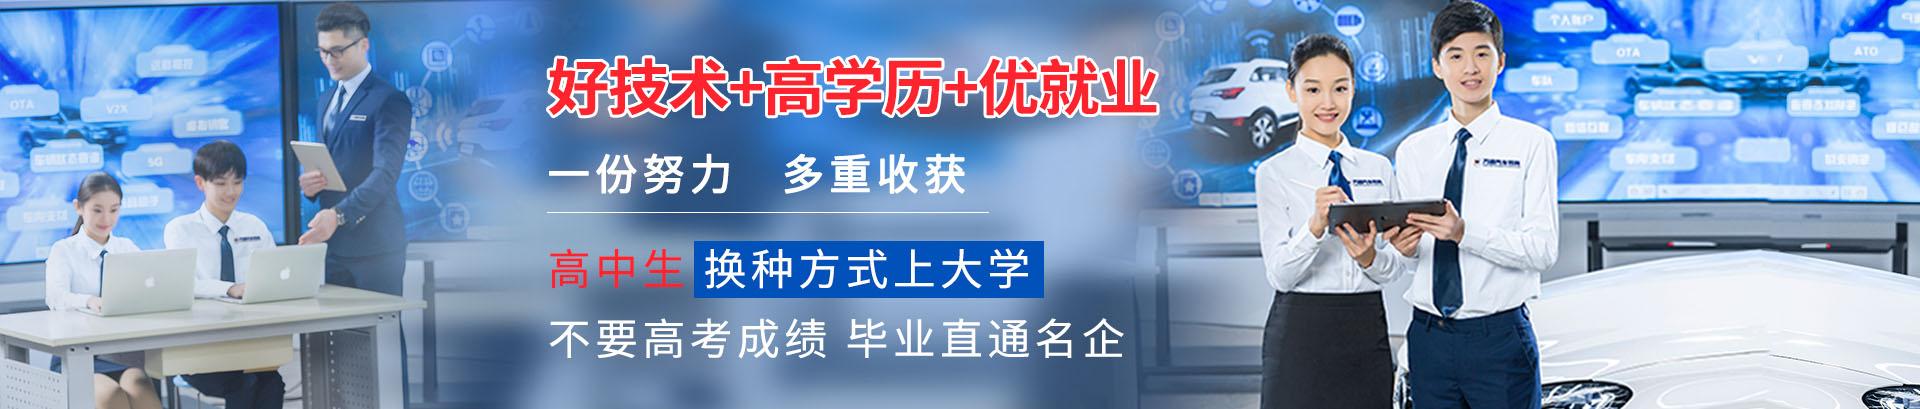 高中生-武汉万通汽修学校